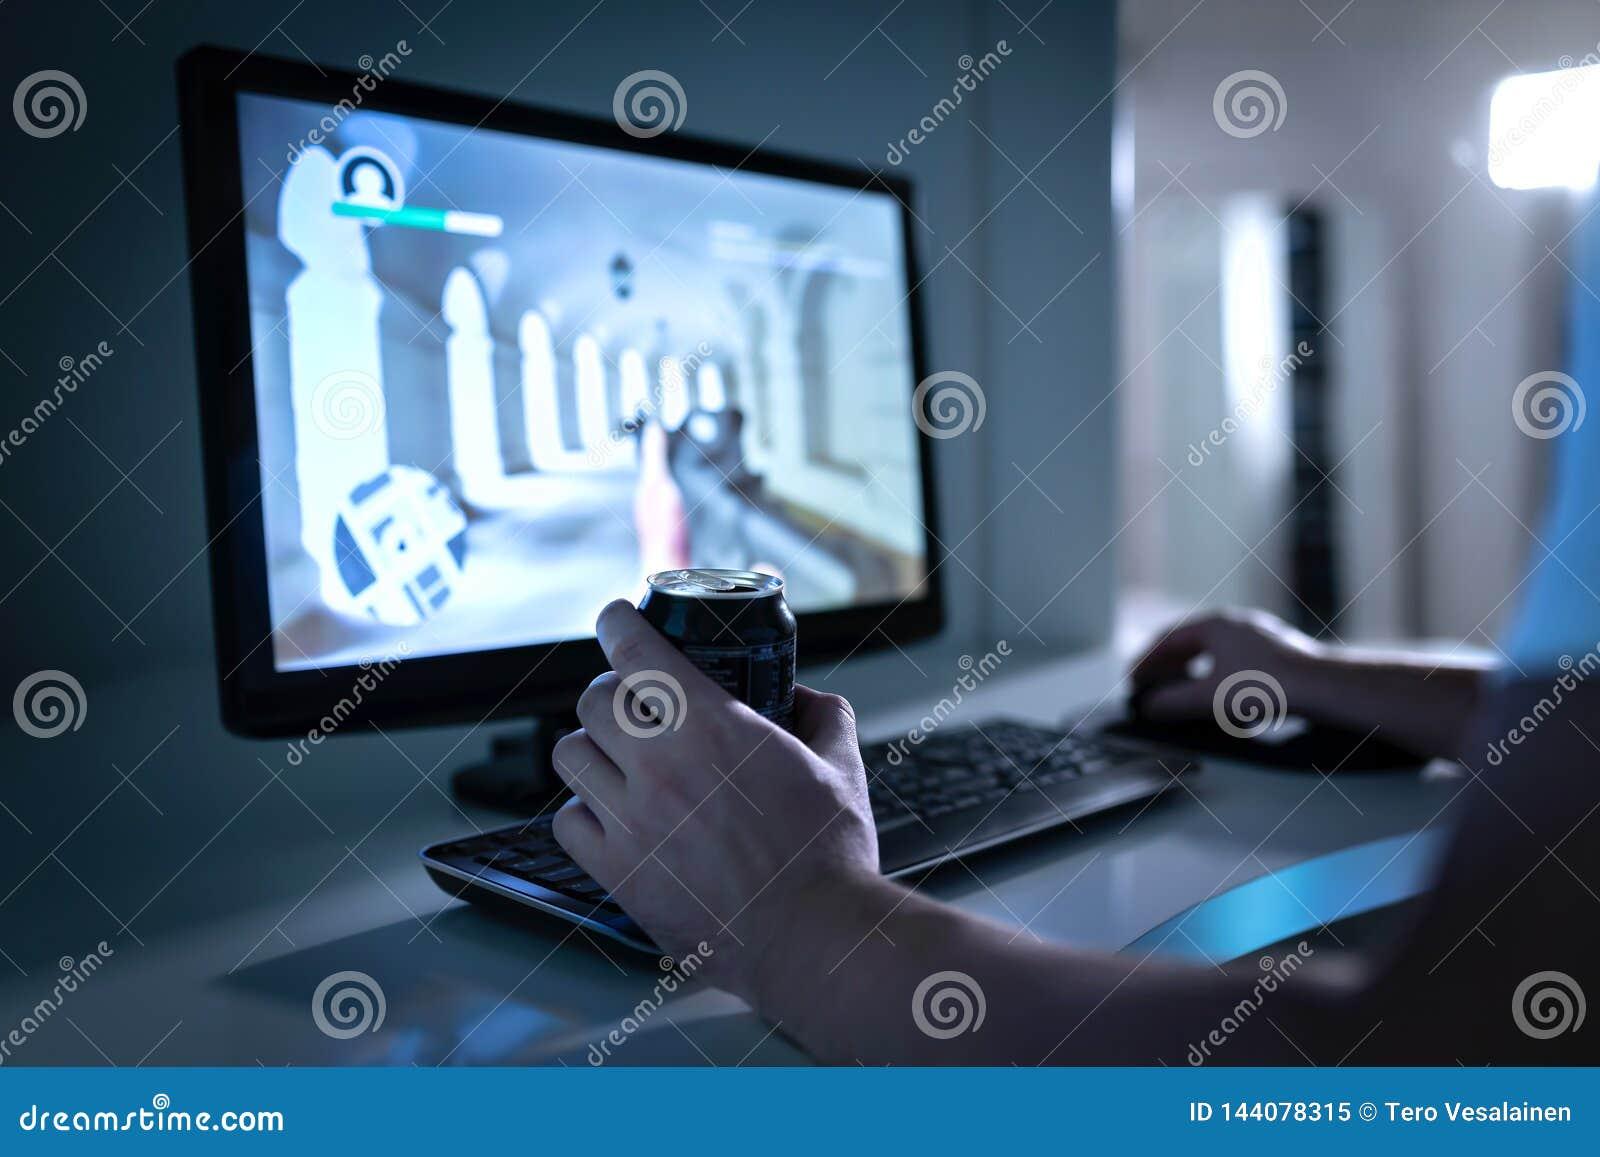 Gamergrabben som spelar videospelet och dricker sodavatten eller energidrinken från kan Fps videogame i datorbildskärm